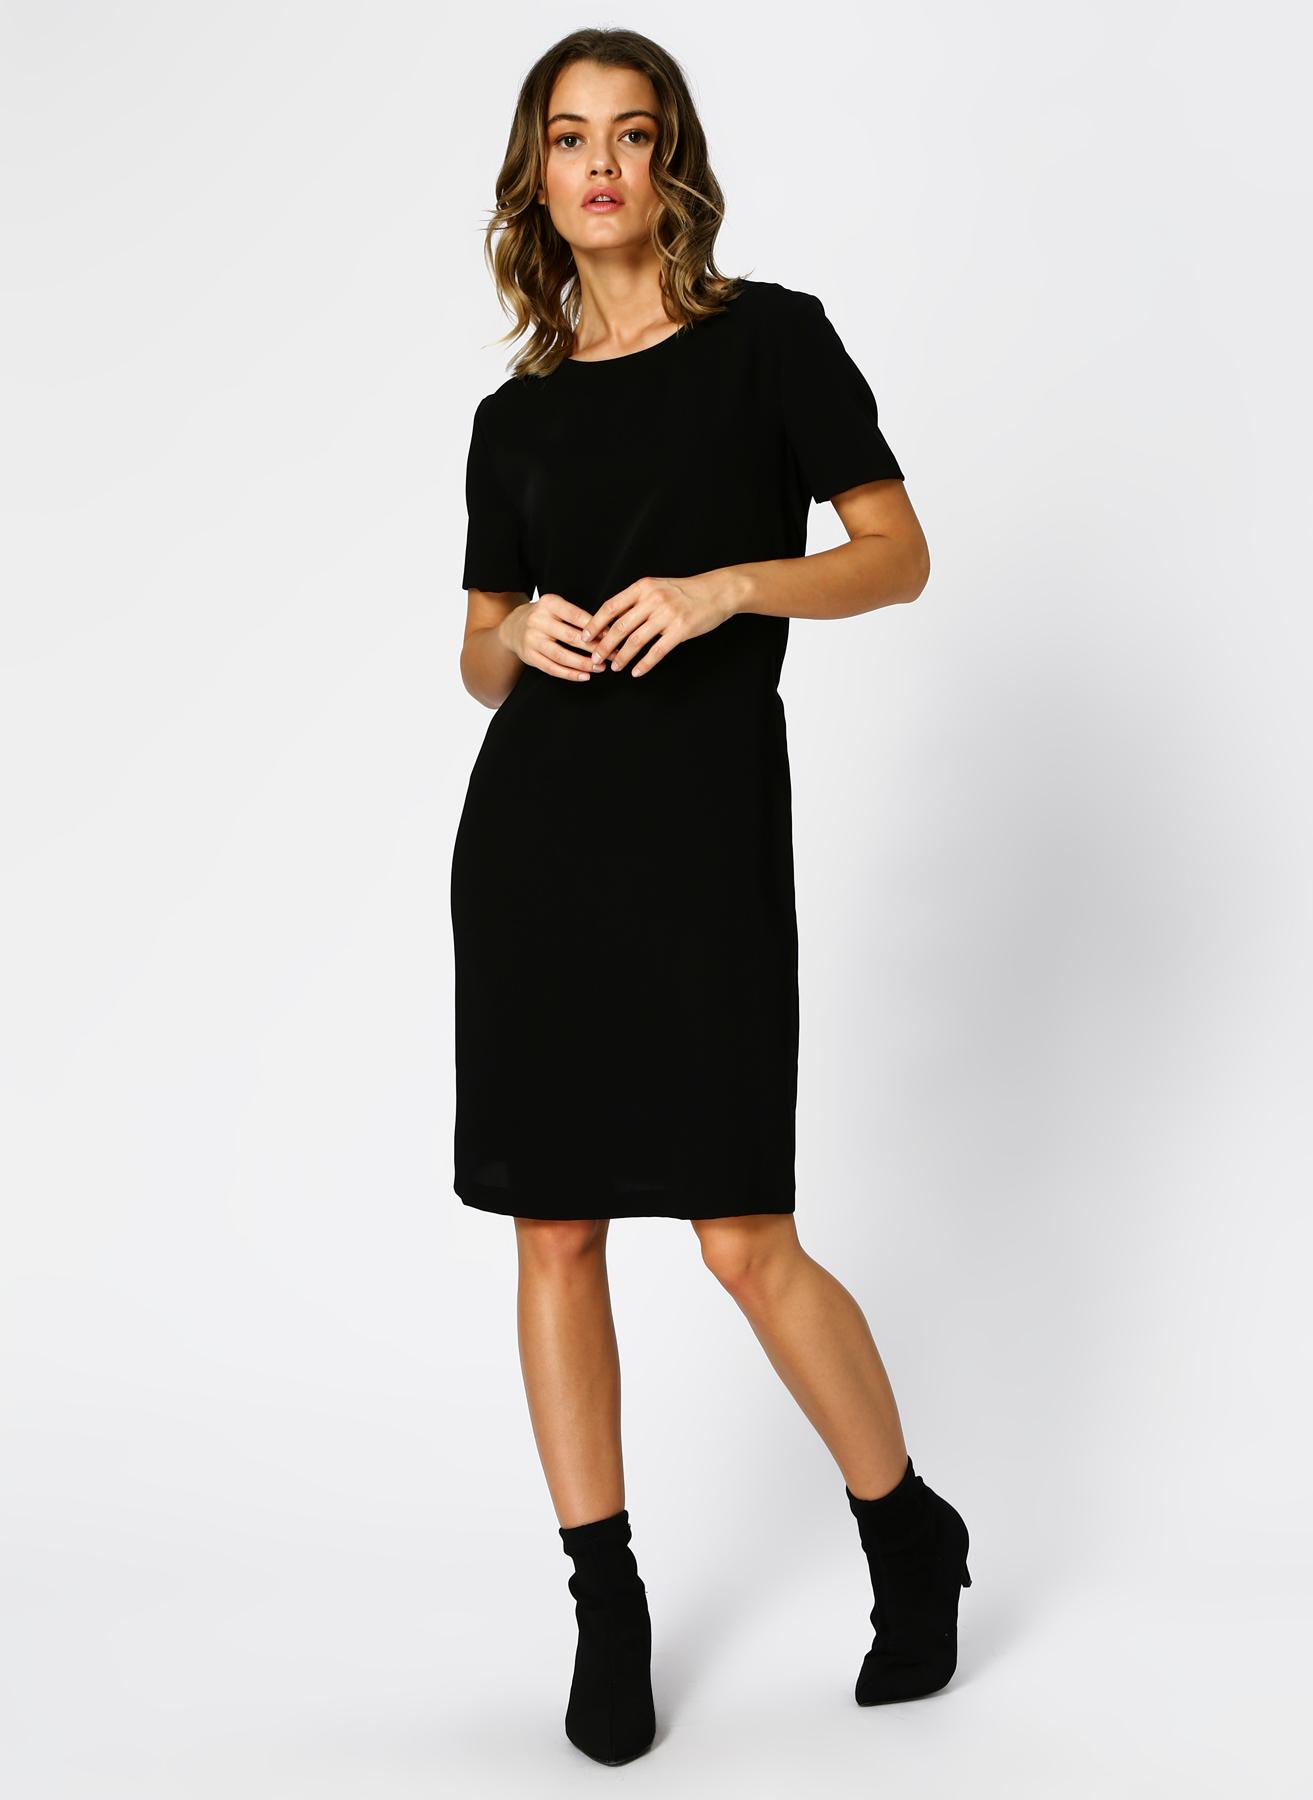 Pierre Cardin Siyah Elbise 44 5002313190005 Ürün Resmi